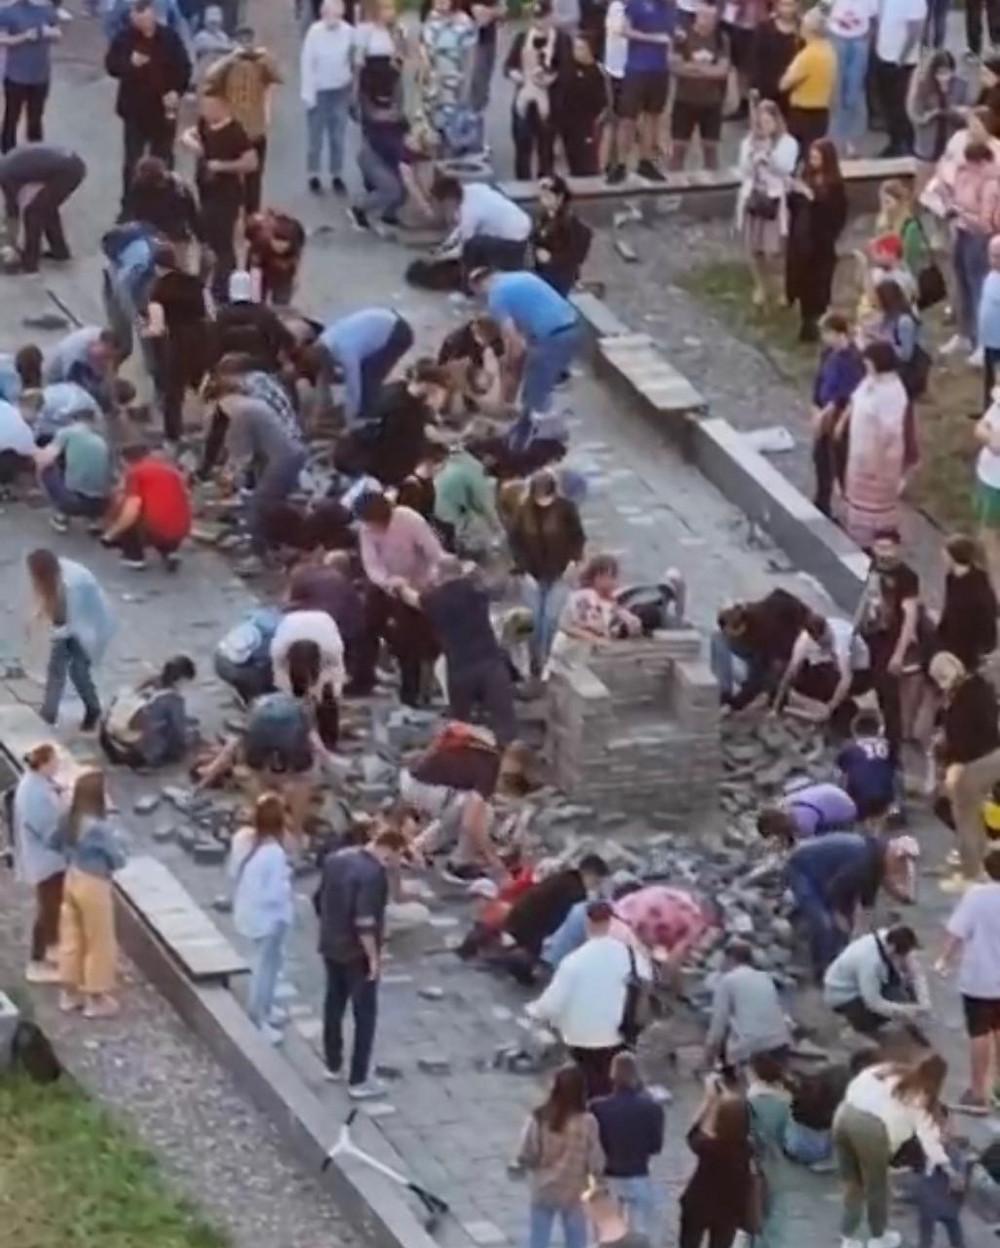 Жители Мурино дружно положили снятую плитку на место